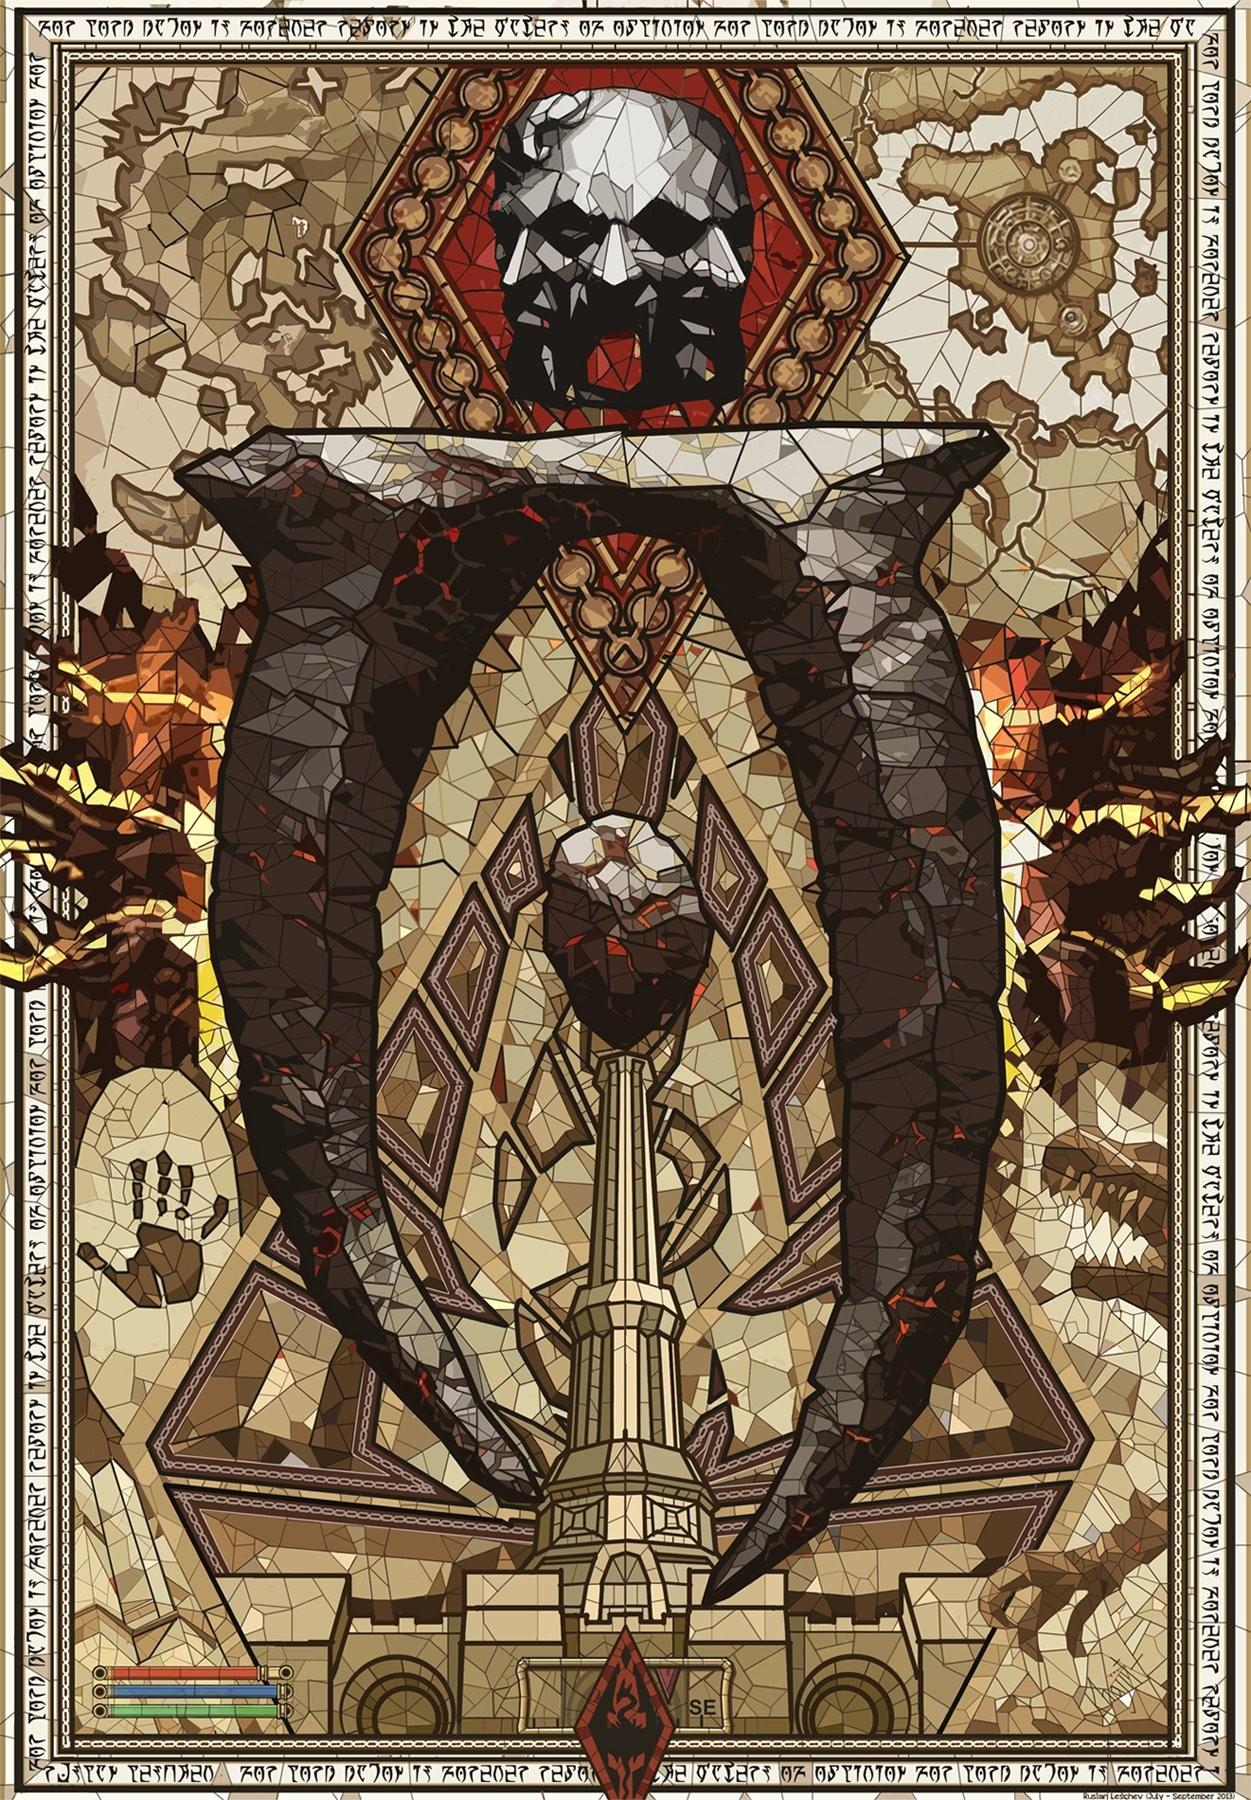 Illustration Video Games Poster The Elder Scrolls IV Oblivion ART Ancient History Modern Art Middle Ages